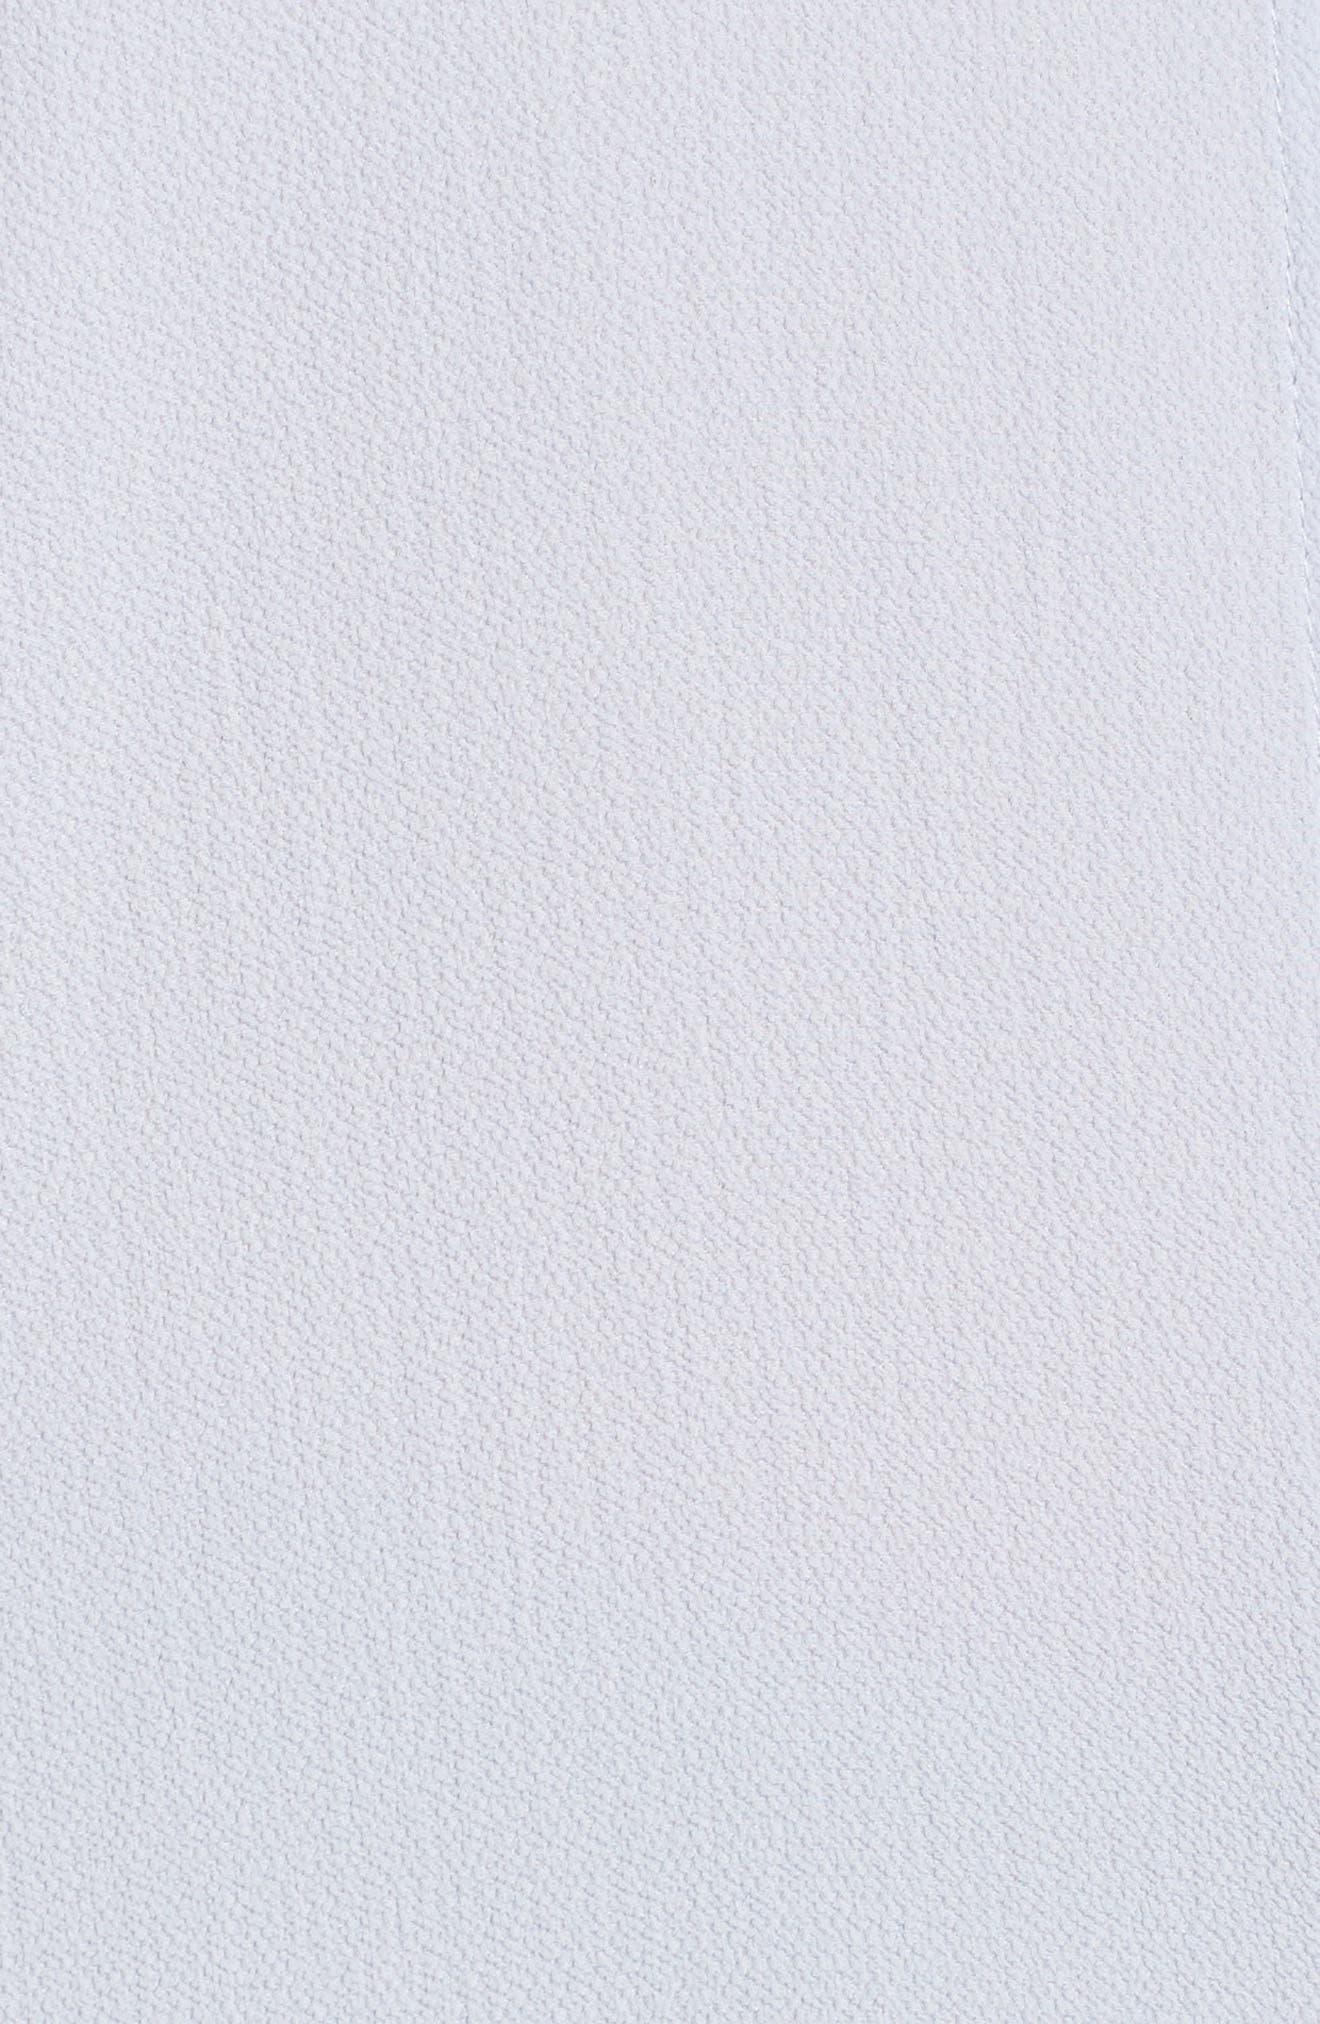 Drawstring Armhole Crepe Blouse,                             Alternate thumbnail 6, color,                             CROCUS PET